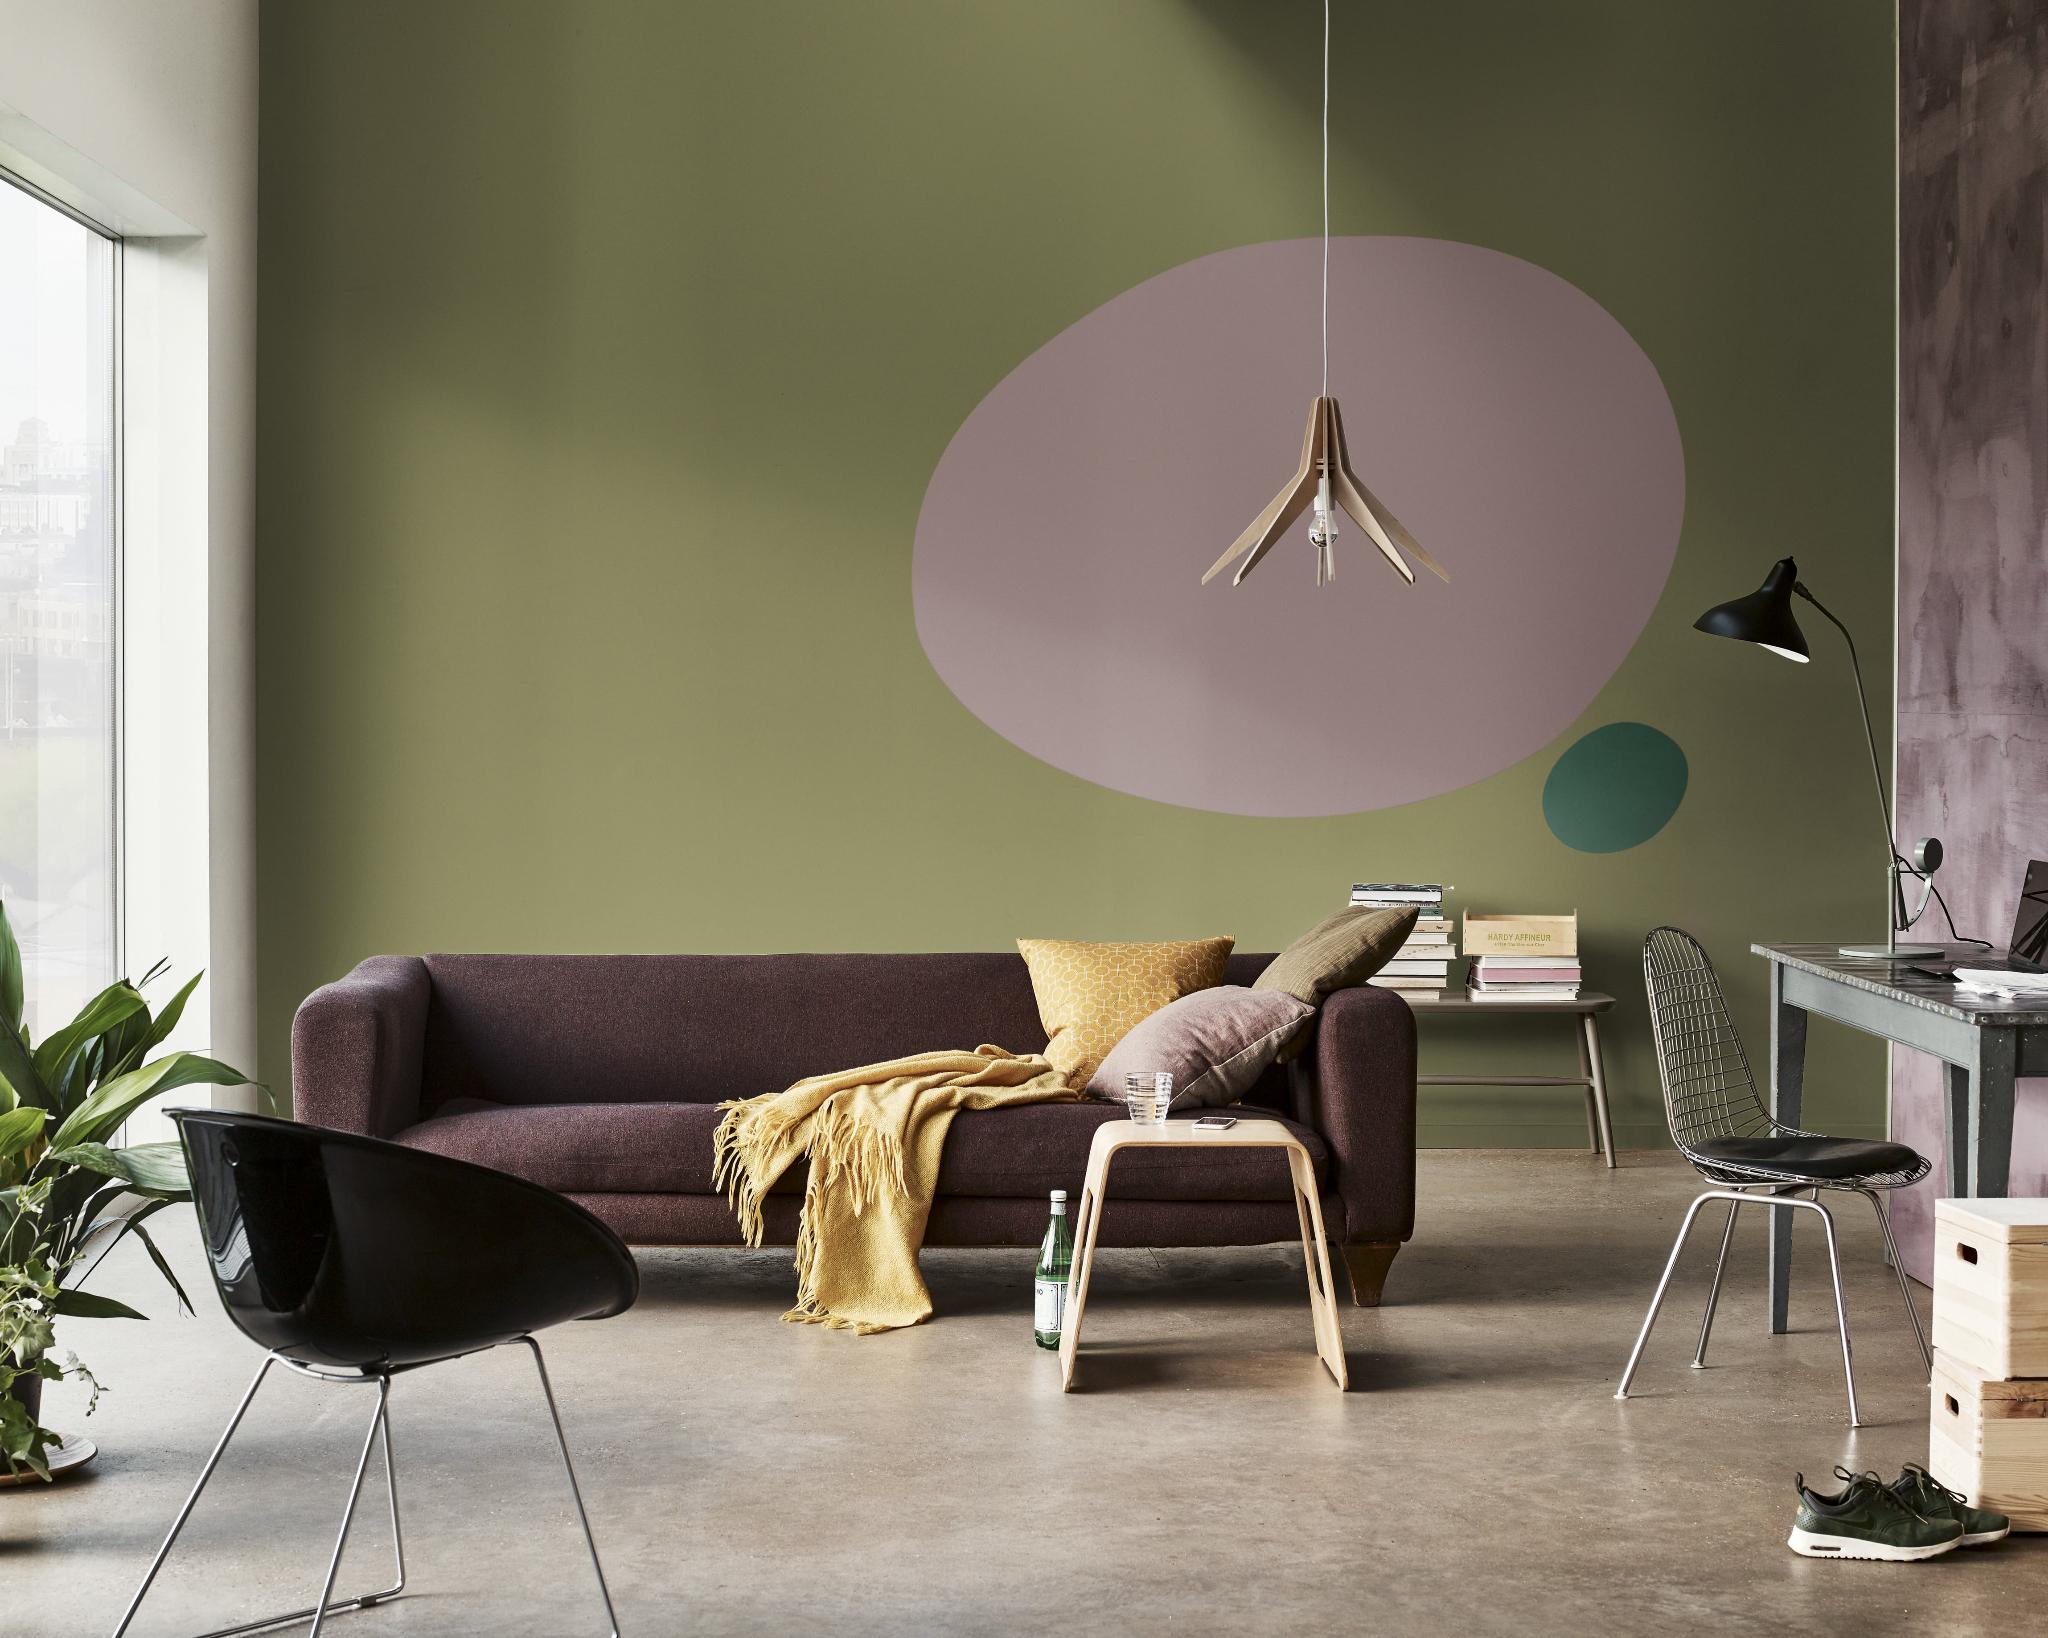 cf18_consumer_playful_rye_livingroom2_1638-min.jpg